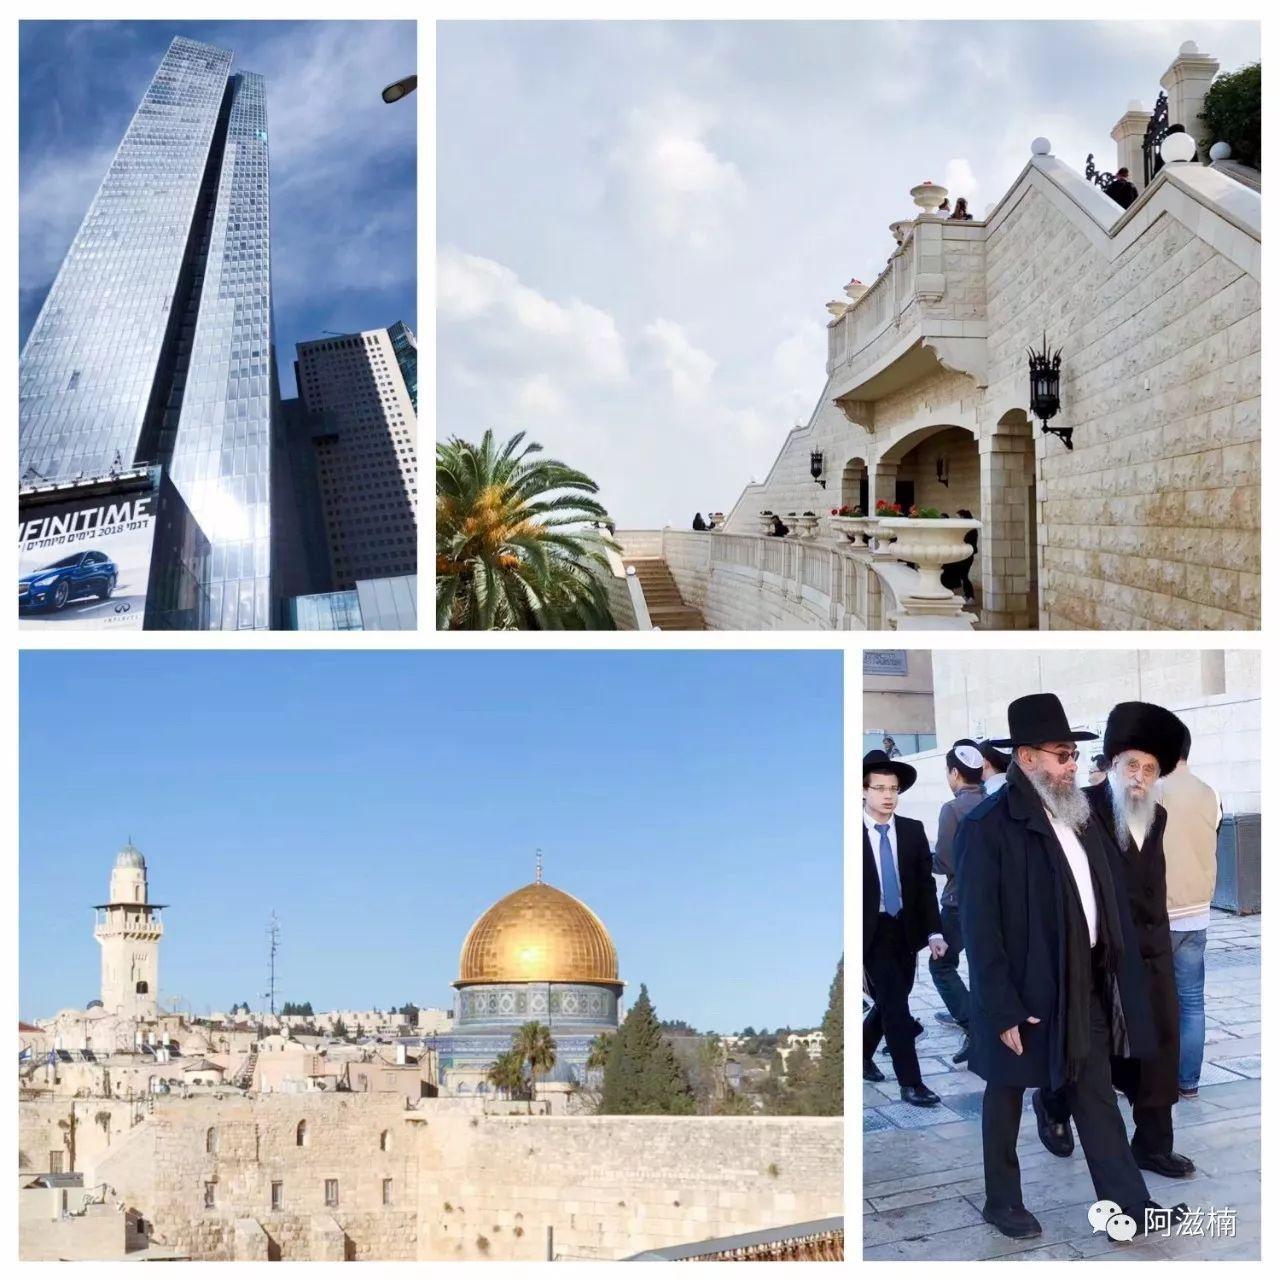 揭开最壮丽的史书,阿滋大人带你去以色列